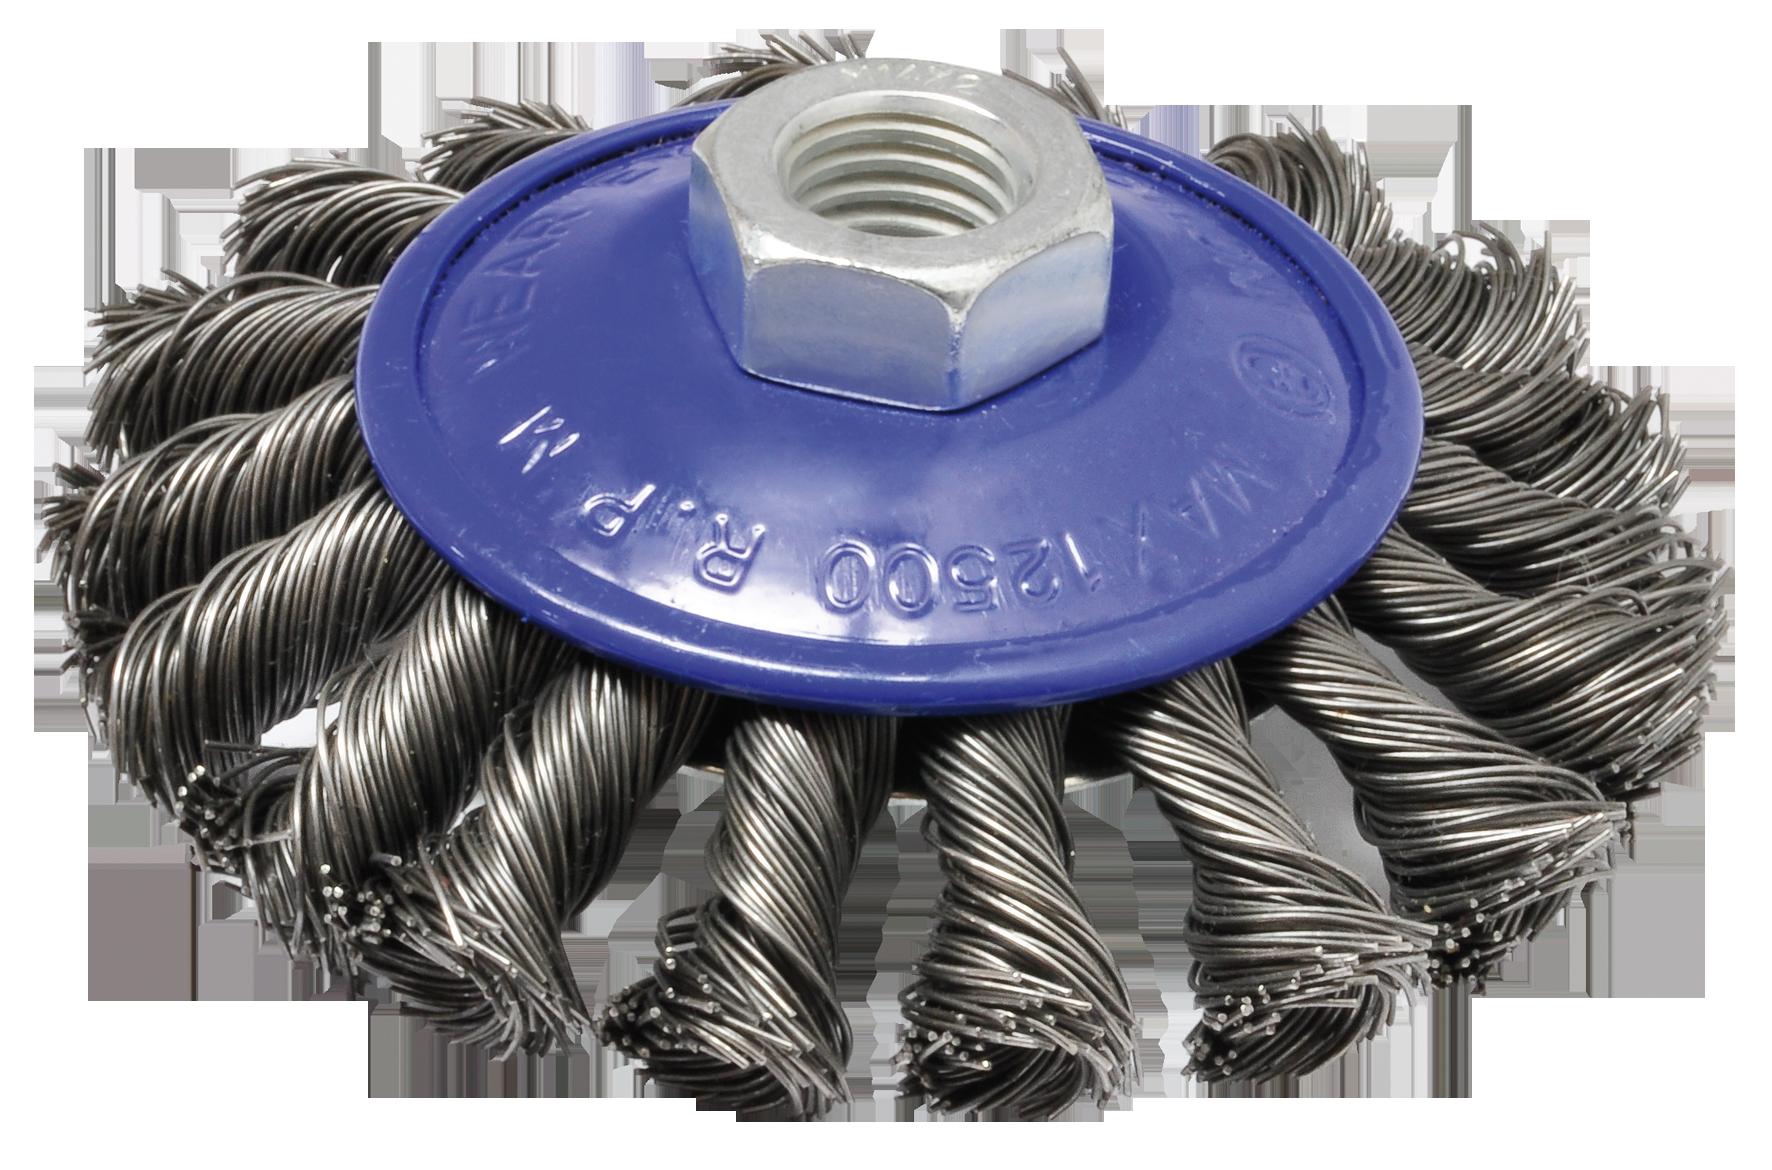 SWSTAHL Kegelbürste, gezopft, 100 mm, M 14 62315SB